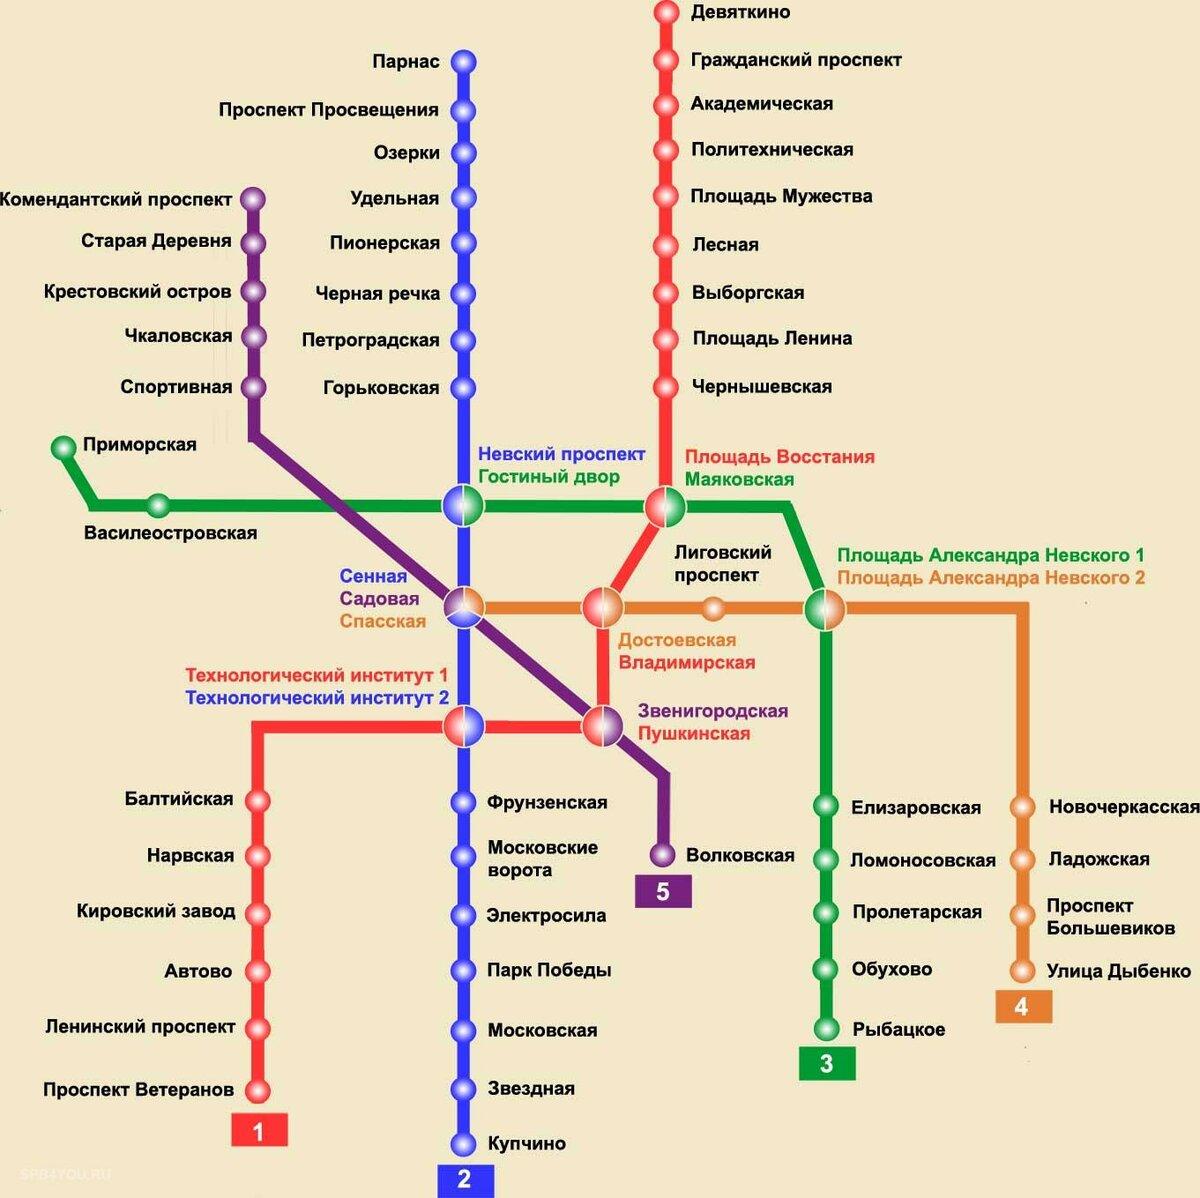 метро спб картинка схема мобильные каждый